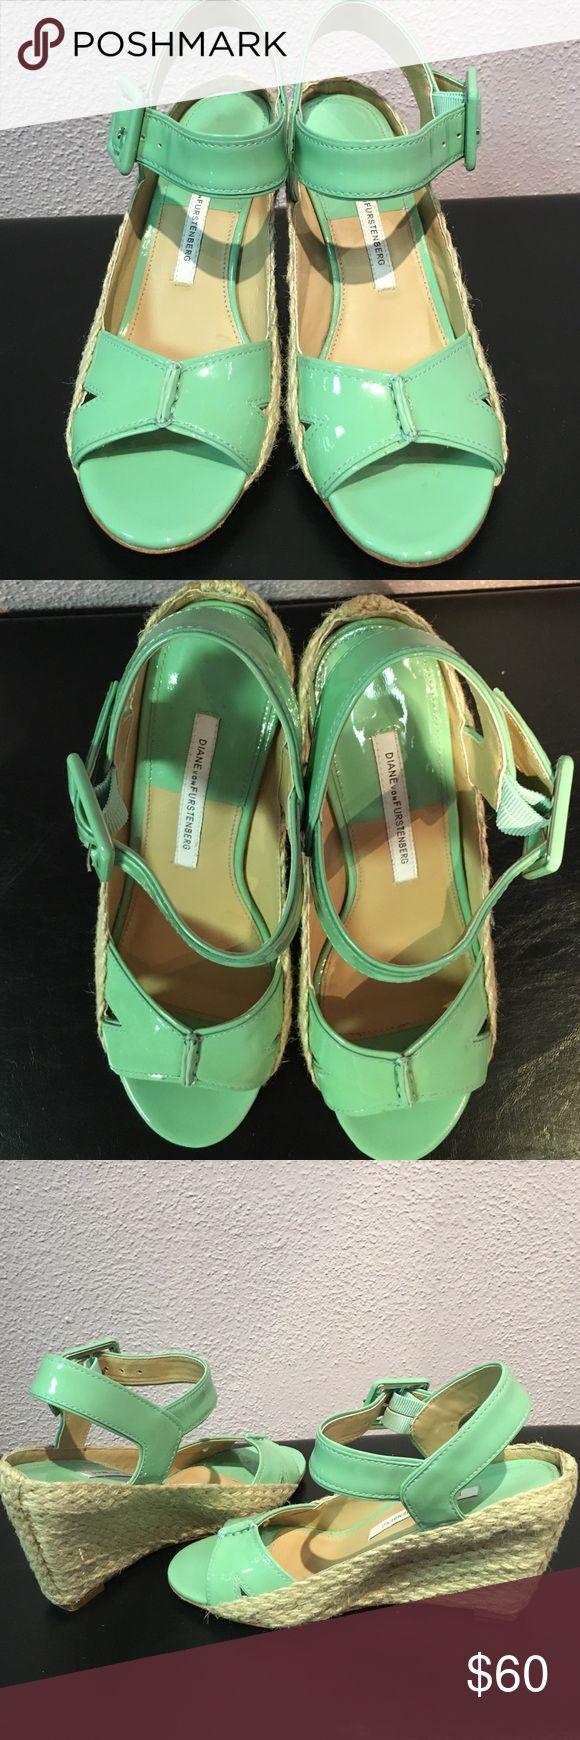 Diane Von furstenberg wedges In good condition size 6 M Diane Von furstenberg green espadrille wedges Diane von Furstenberg Shoes Wedges